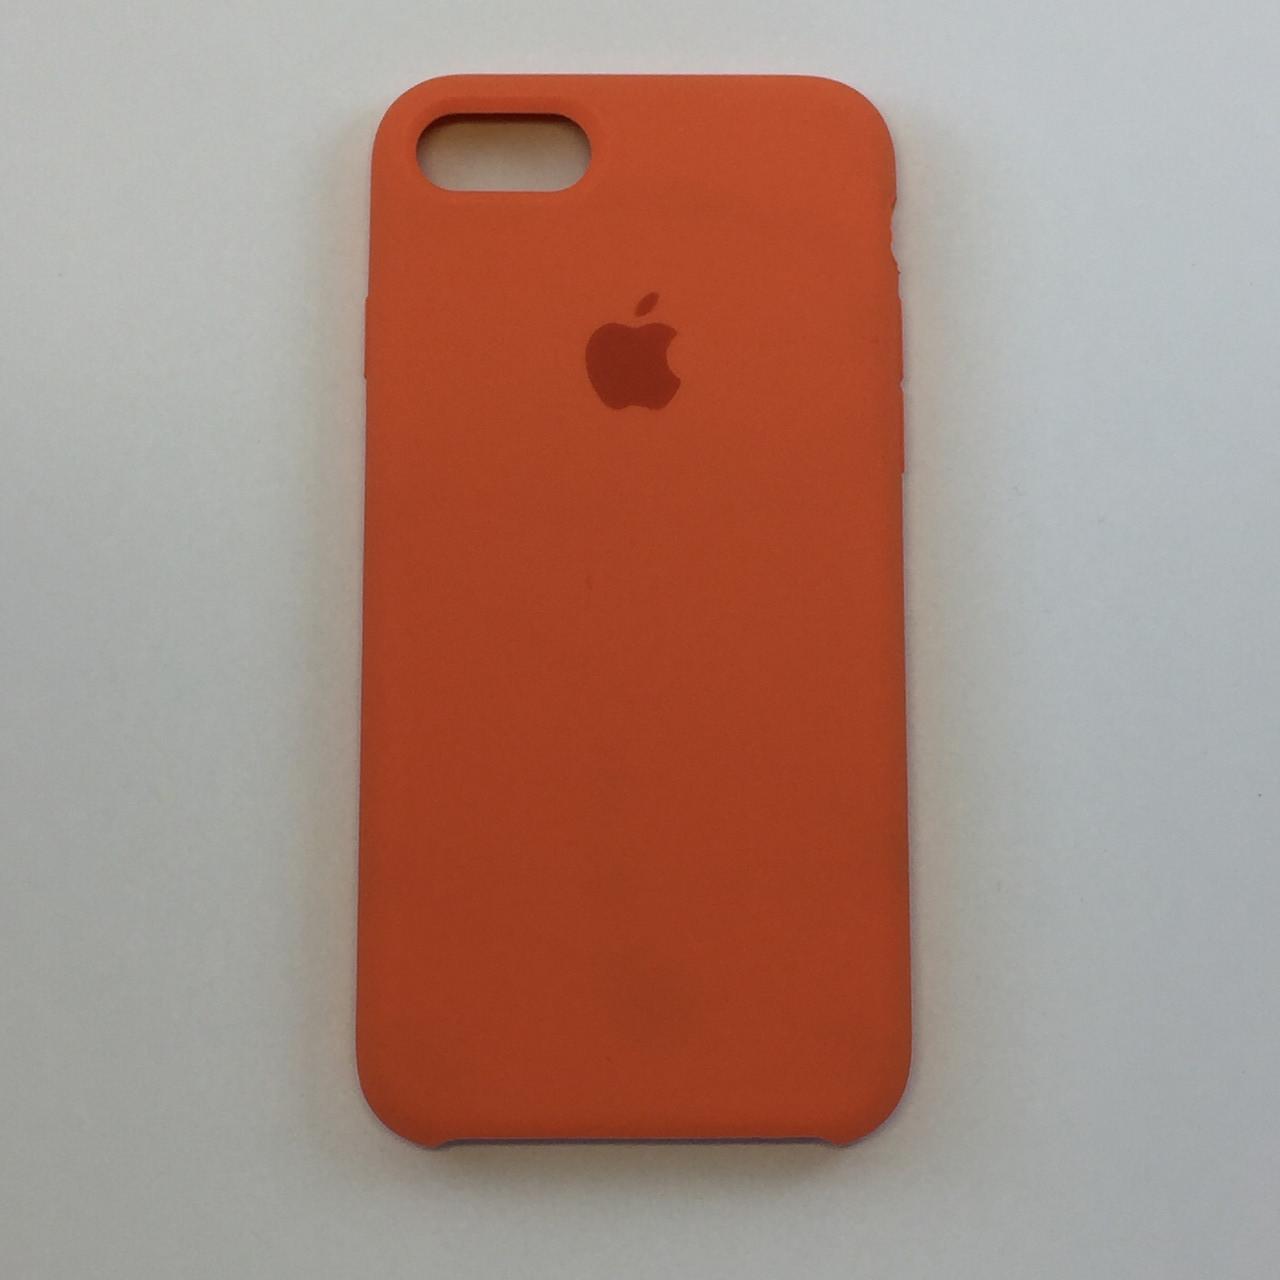 Силиконовый чехол OEM Silicon Case для iPhone 8 Plus, сочный персик